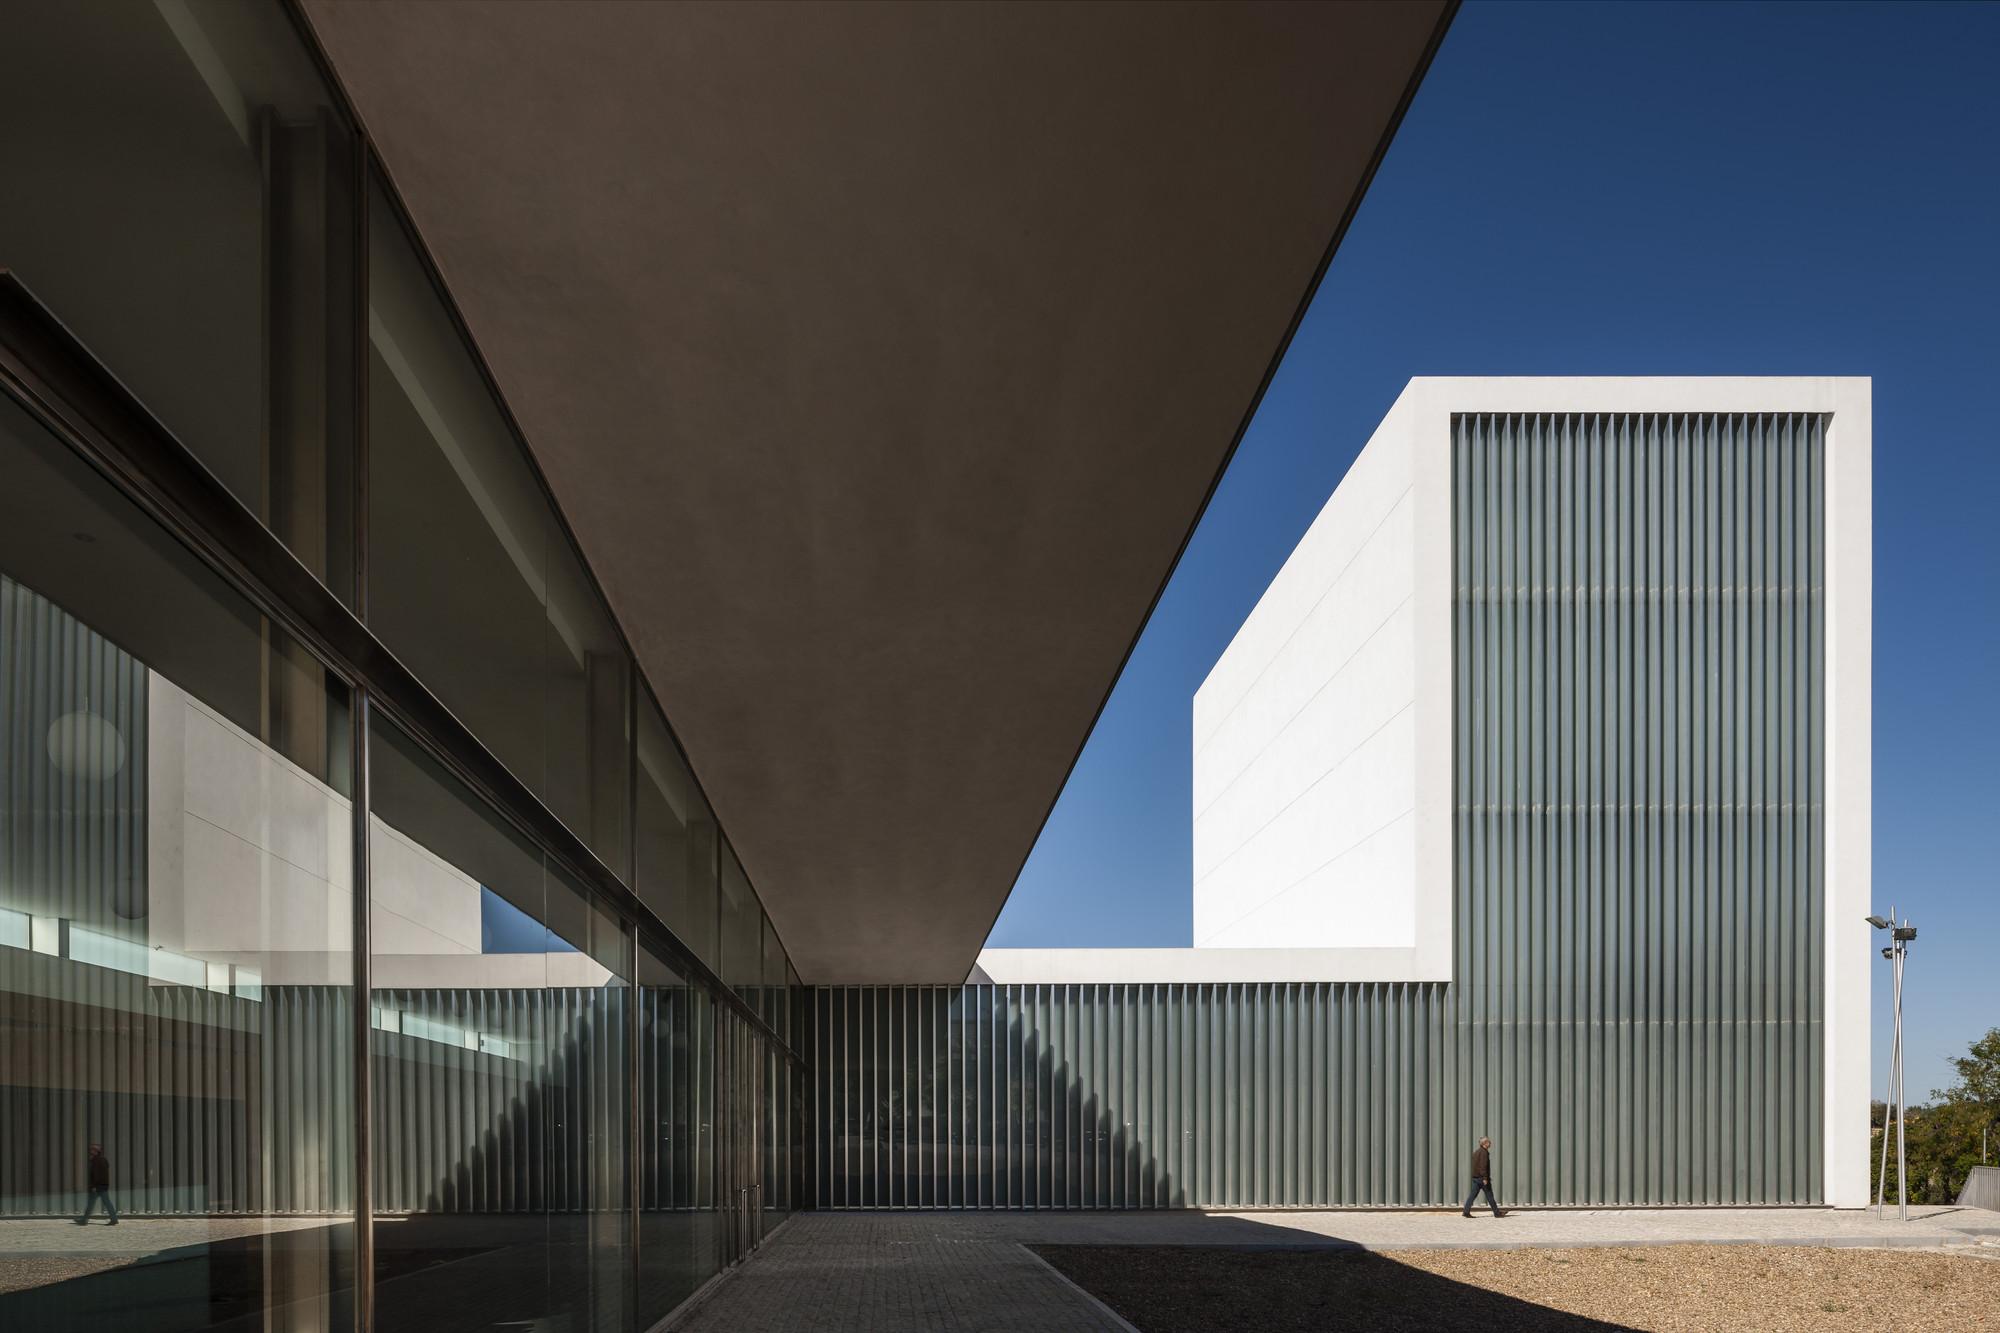 Galeria de teatro municipal em arahal javier terrados for Arq estudio de arquitectura